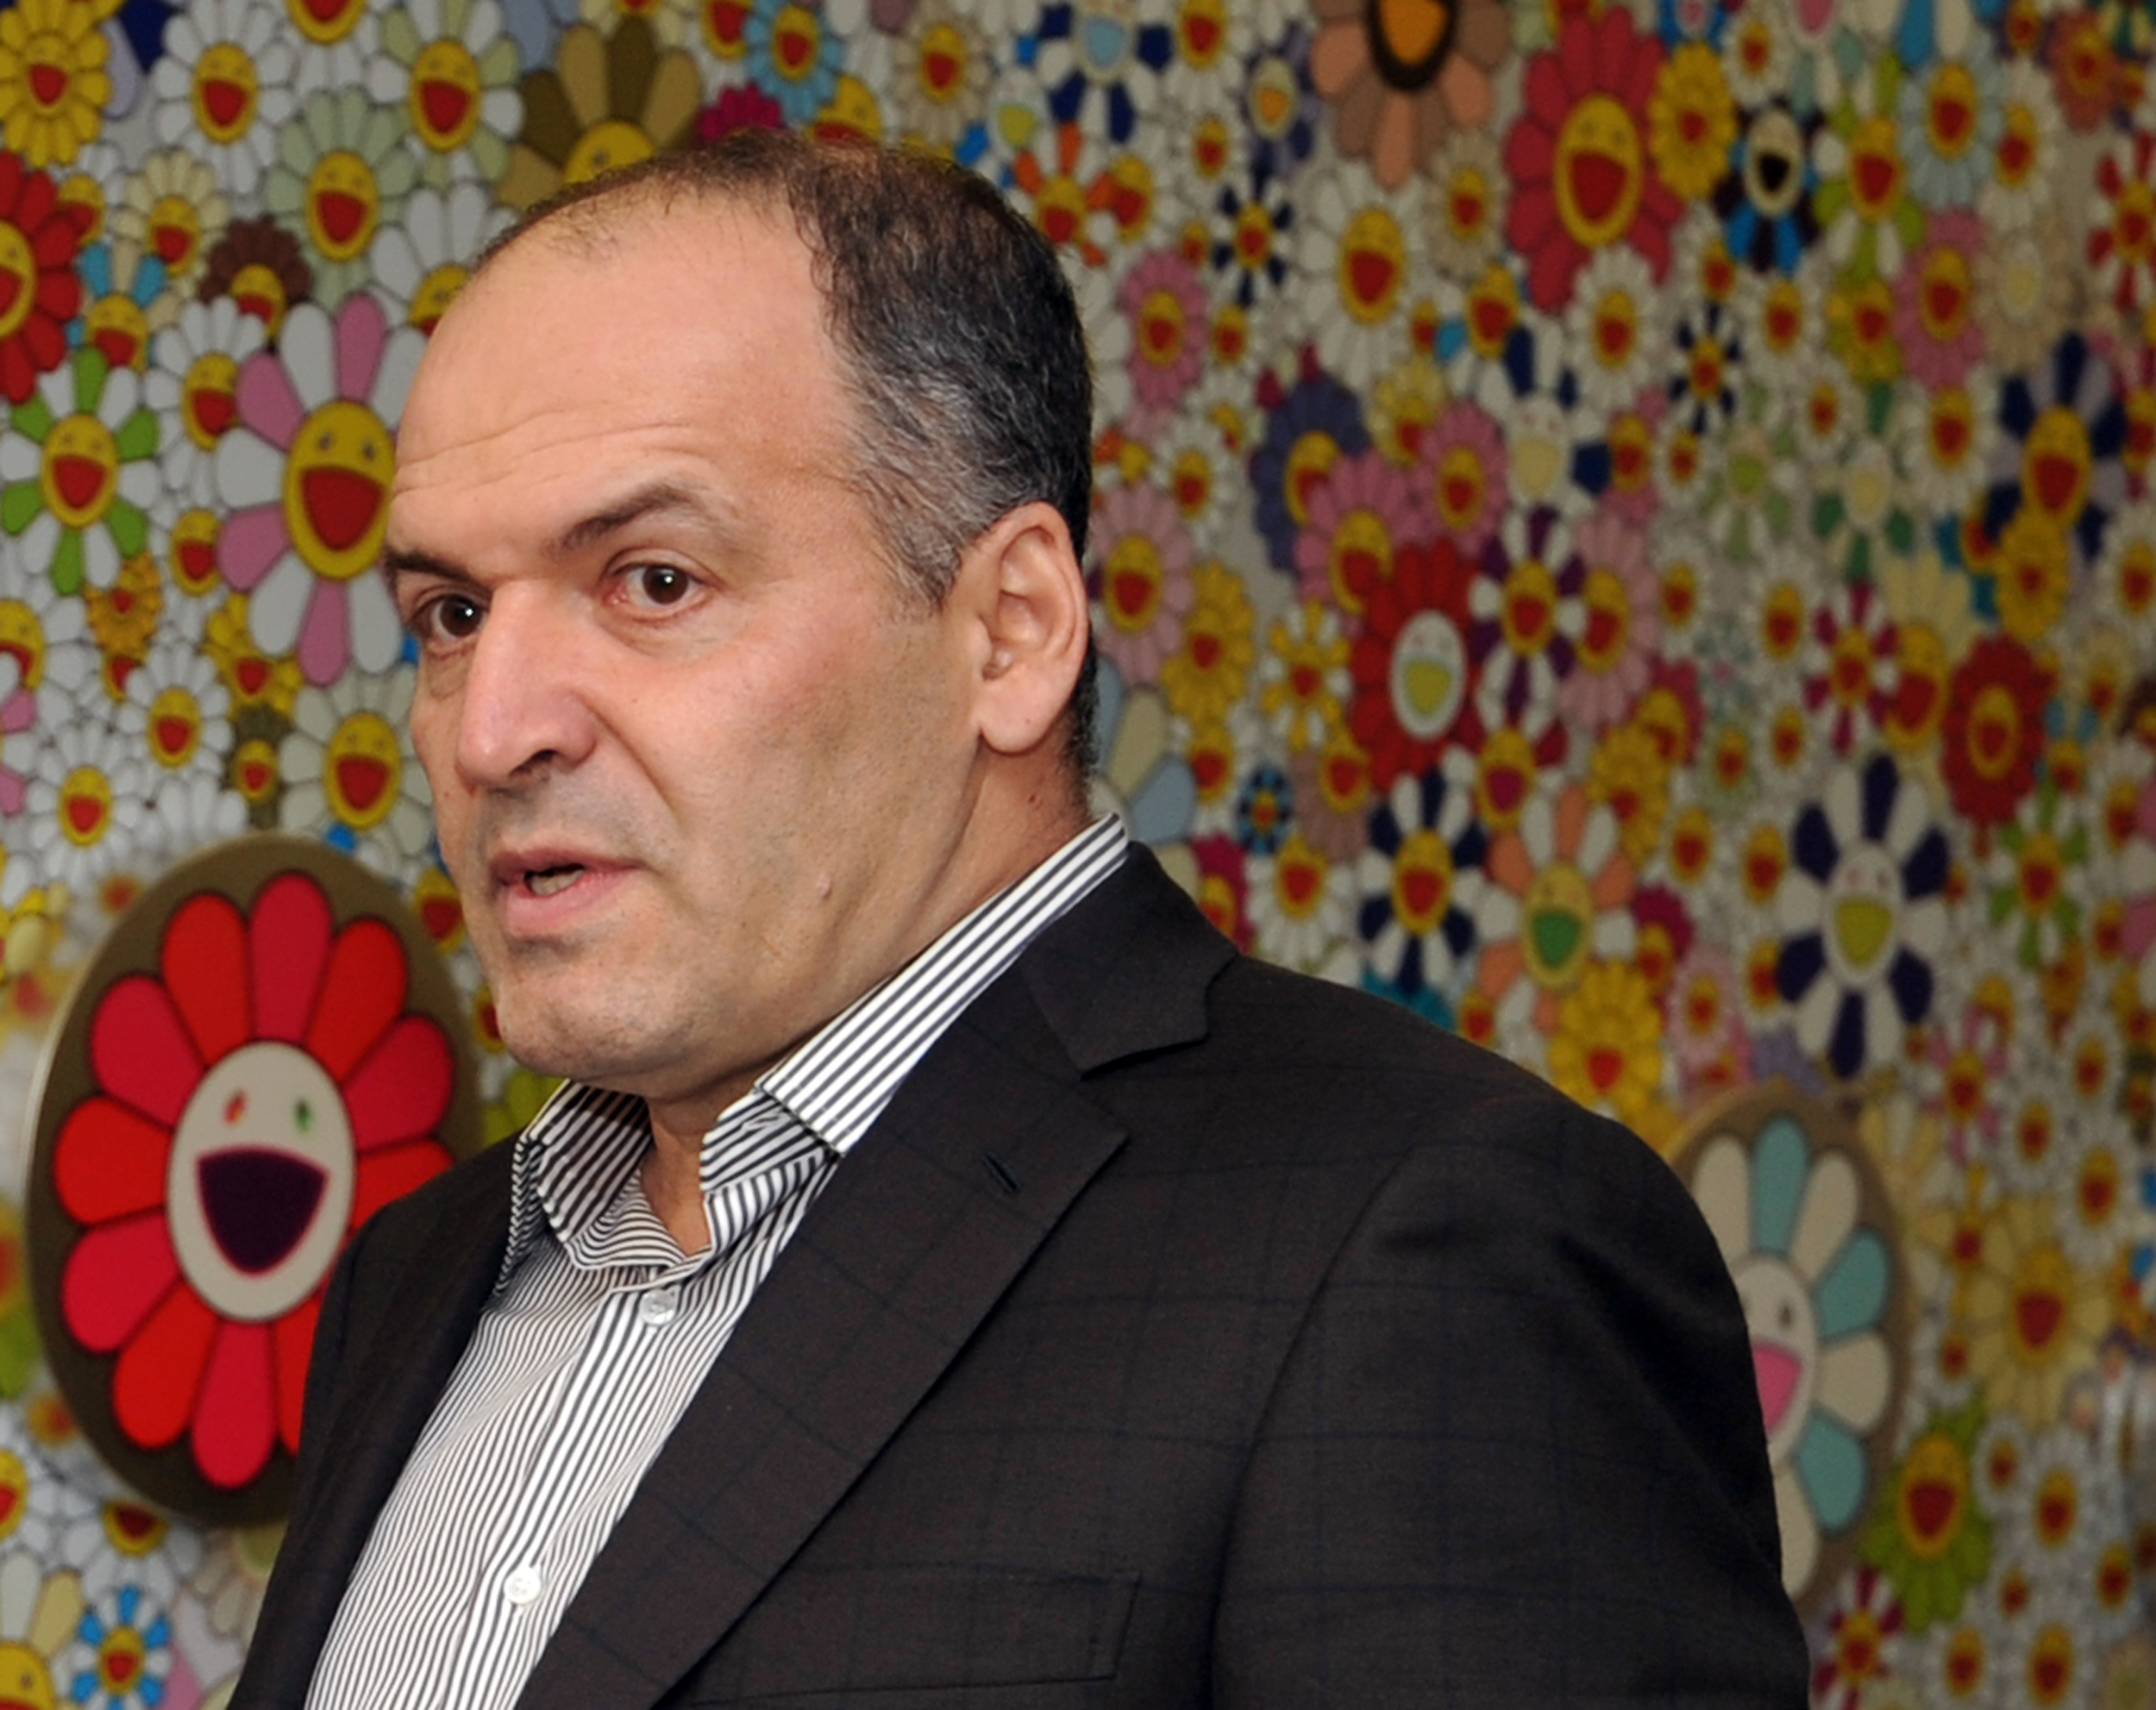 Виктору Пинчуку 2013 год обещает удачу в предприятиях